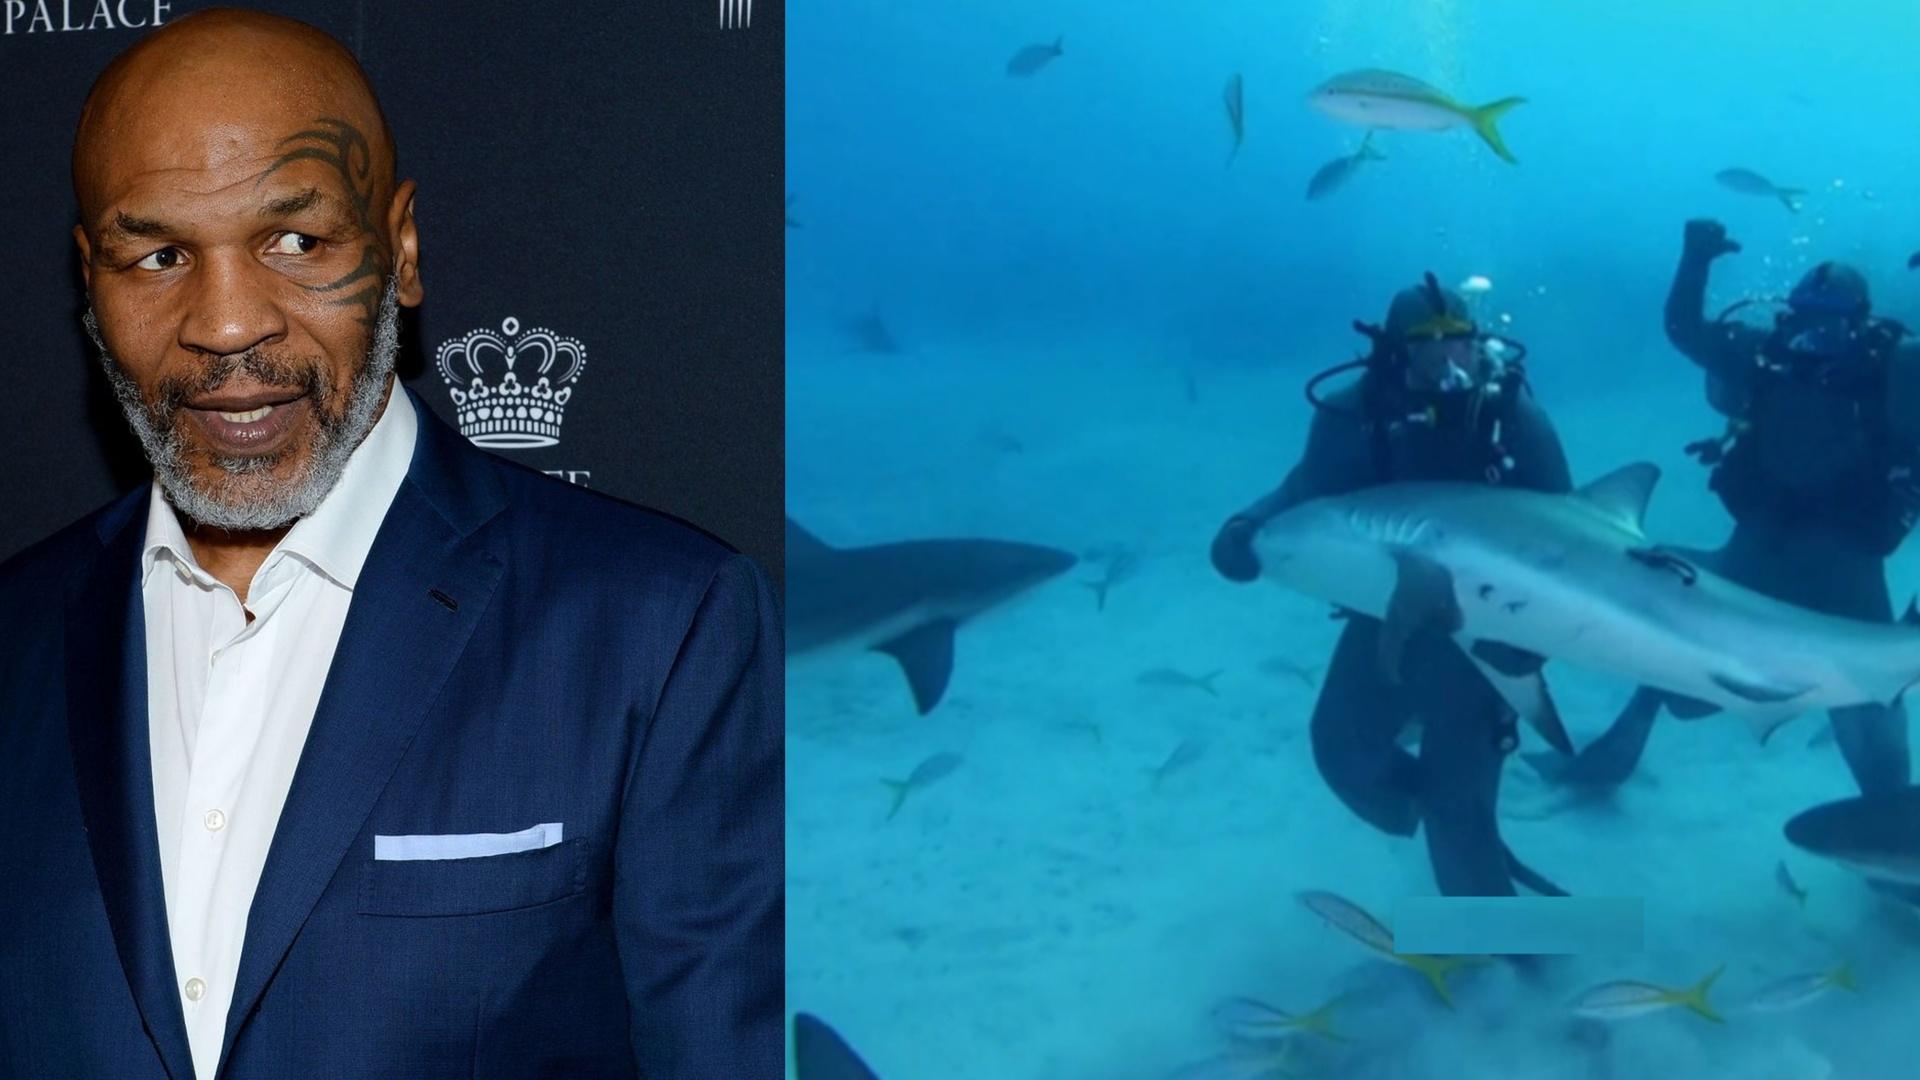 شاهد.. أسطورة الملاكمة يختبر نفسه في الأعماق مع أسماك القرش قبل النزال المنتظر